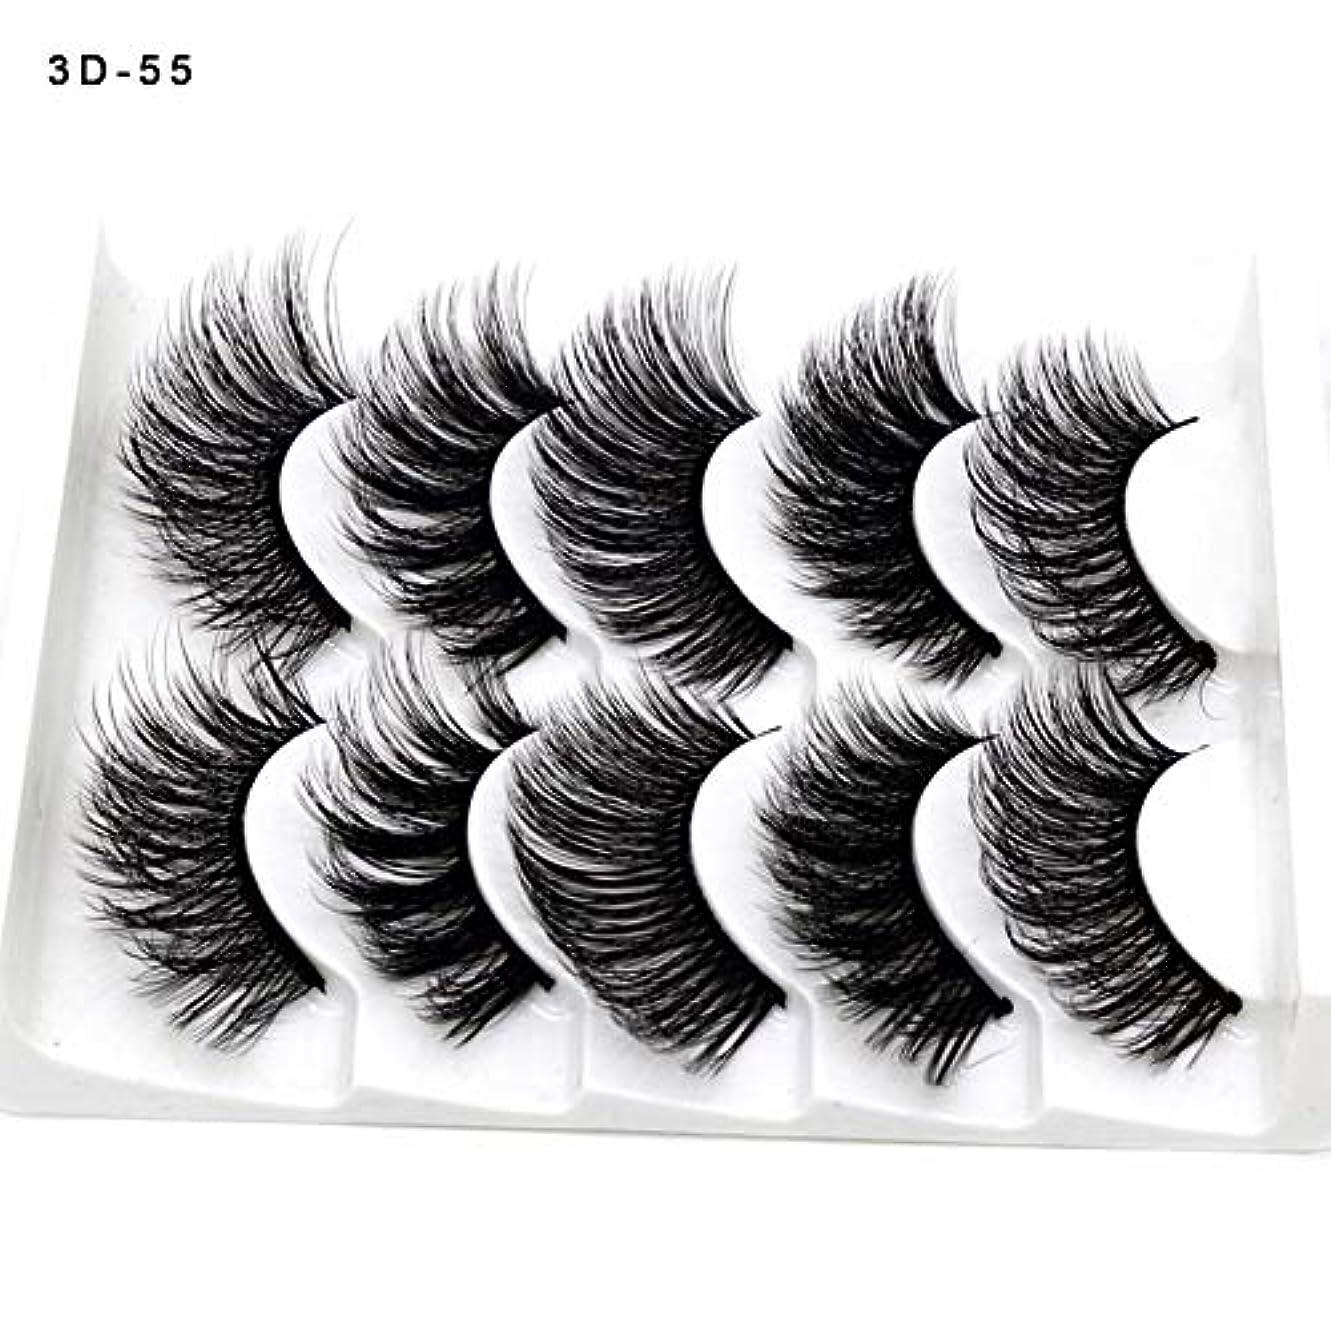 雪年着るSILUN つけまつげ 5ペア つけまつ毛 3D 上まつげ 100%手作り 自然 濃密 メイクアップ ナチュラル 長持ち ピュアナチュラル まつげエクステ ふんわり 大人気